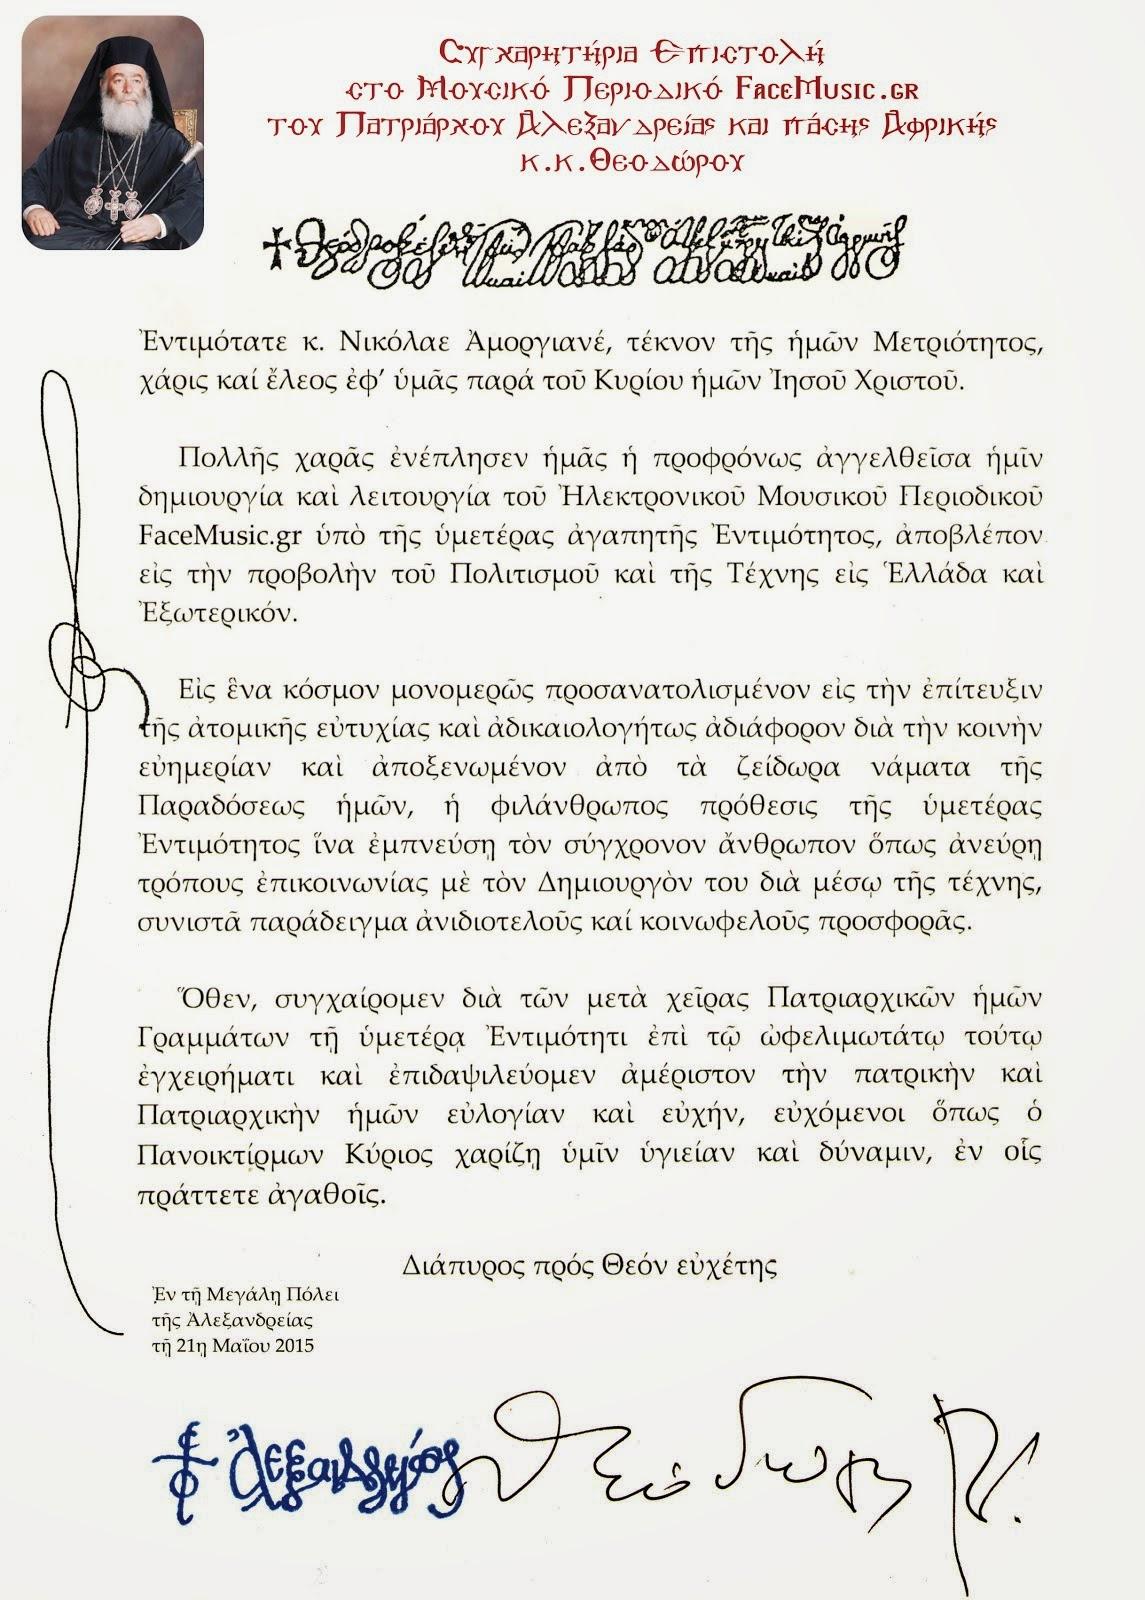 Ευχές Πατριάρχου Αλεξανδρείας